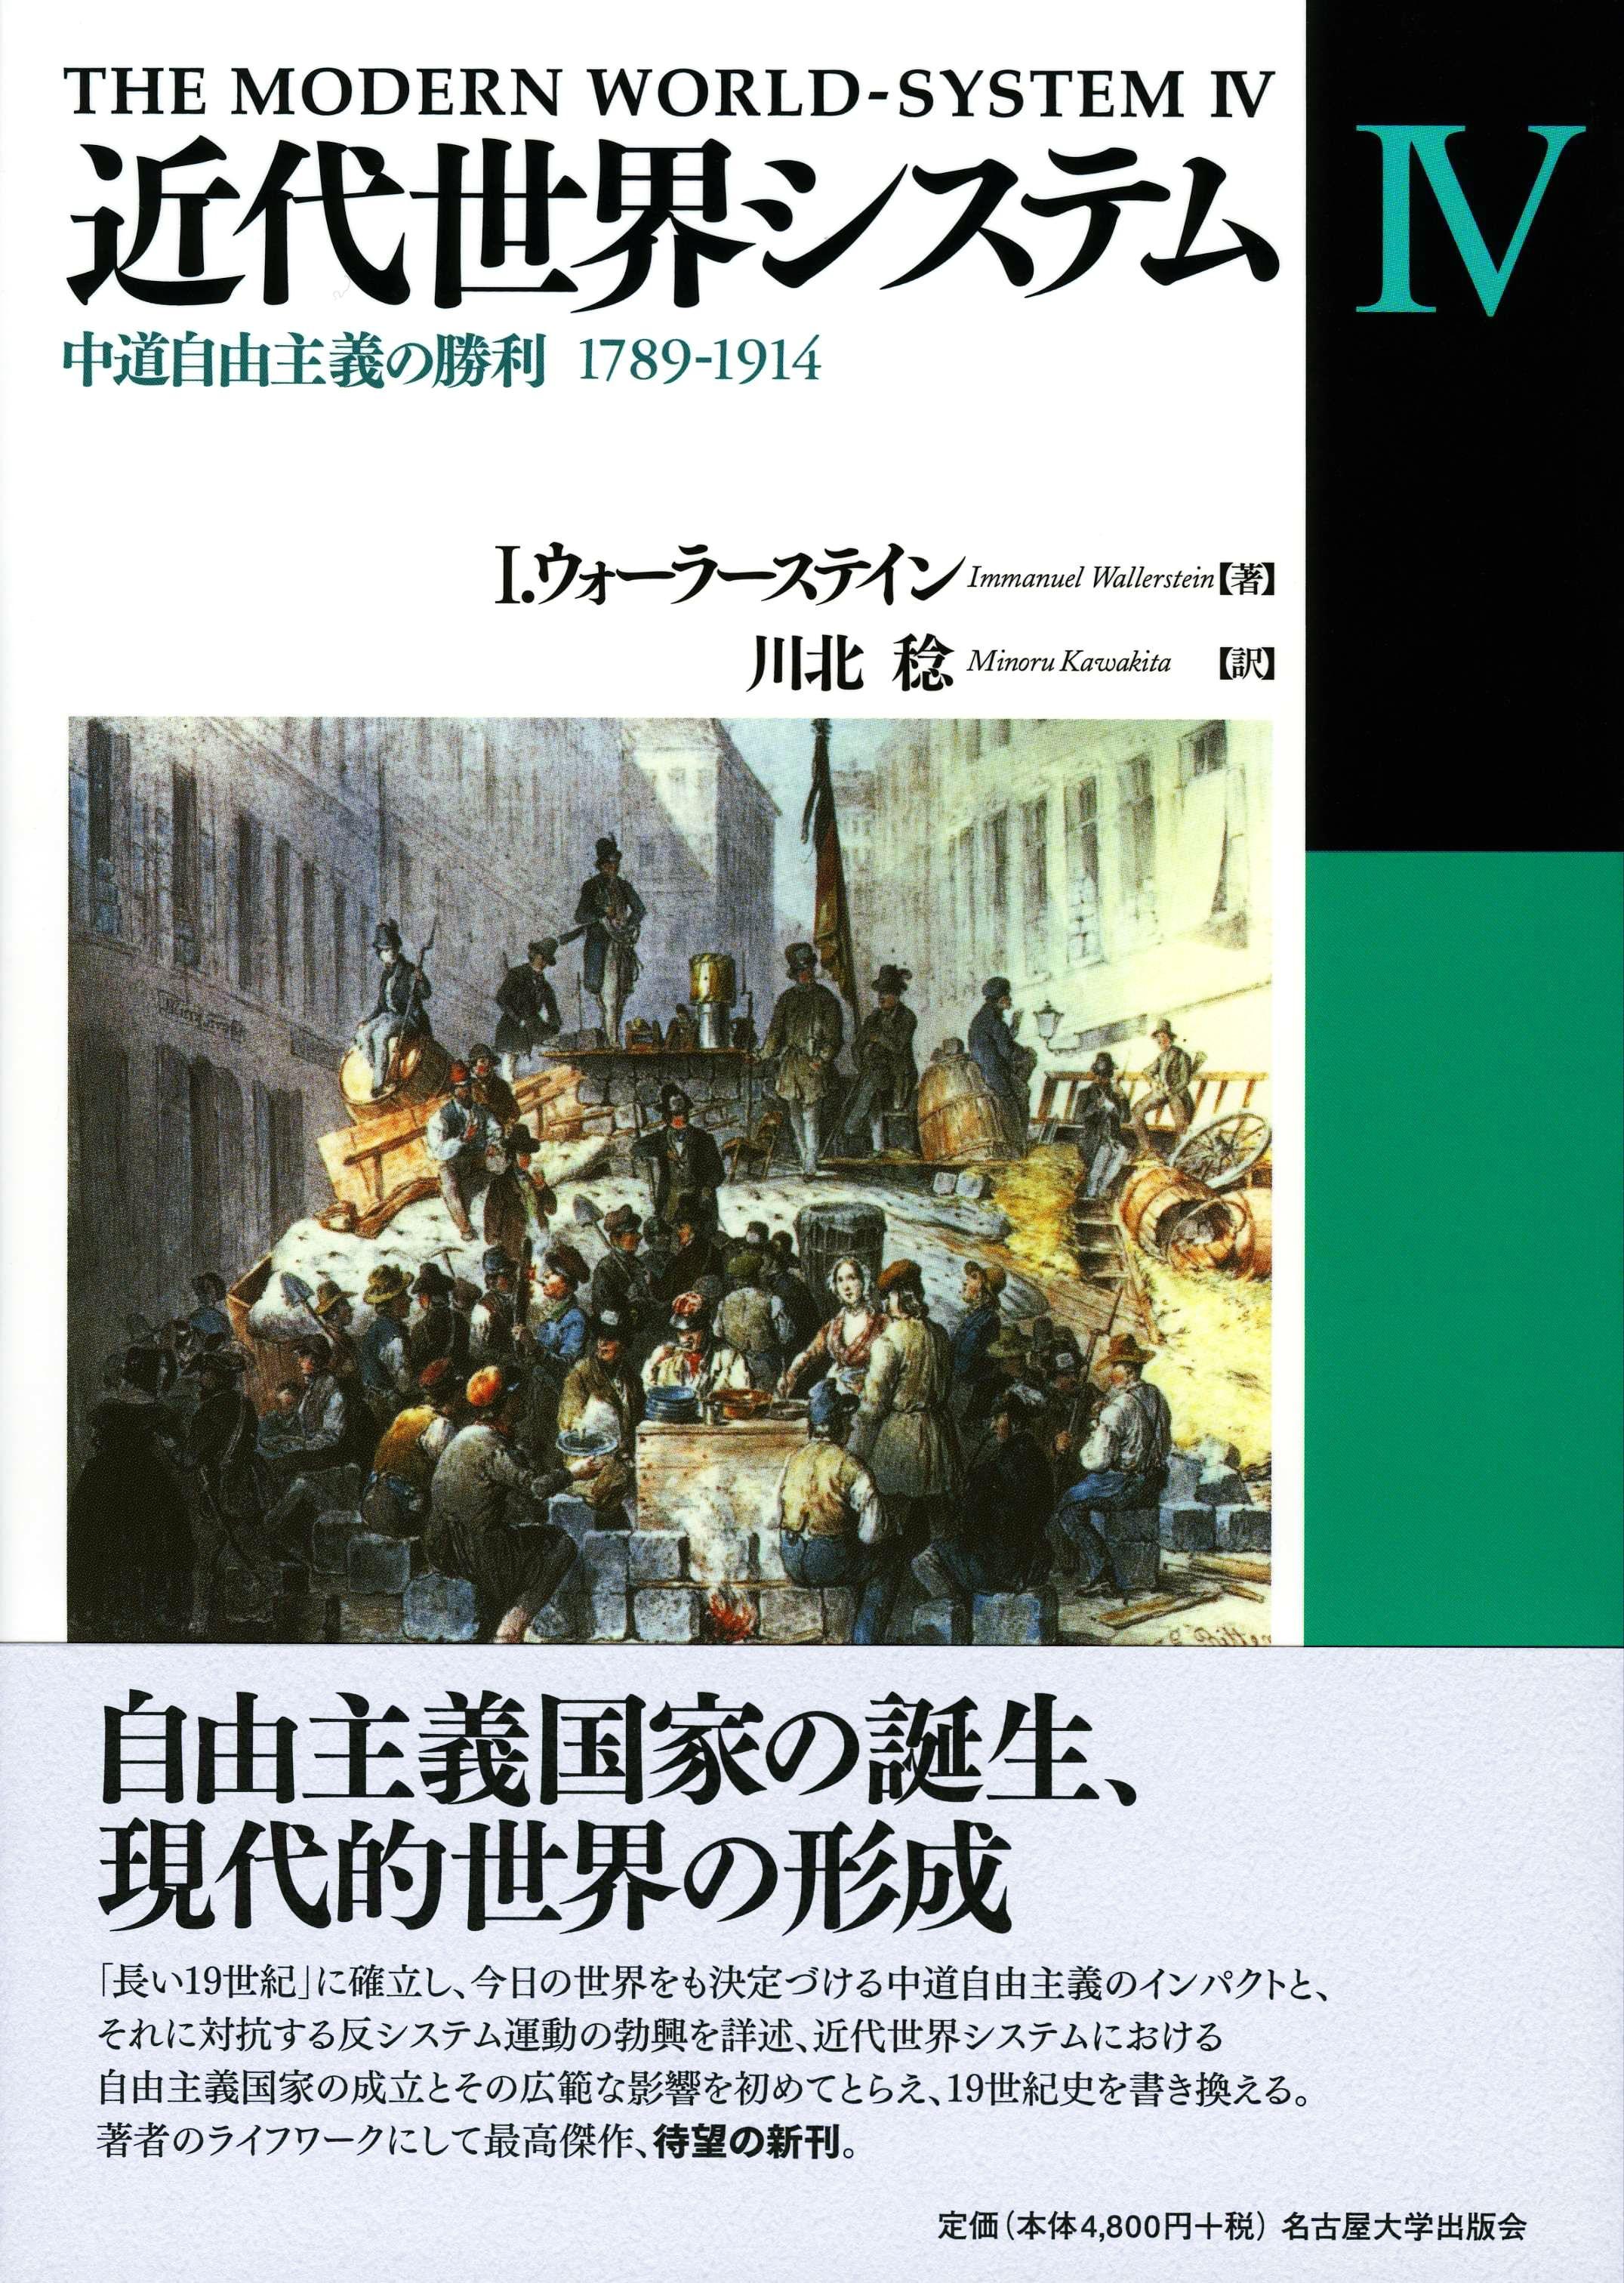 中道自由主義の勝利 1789-1914近代世界システムⅣ